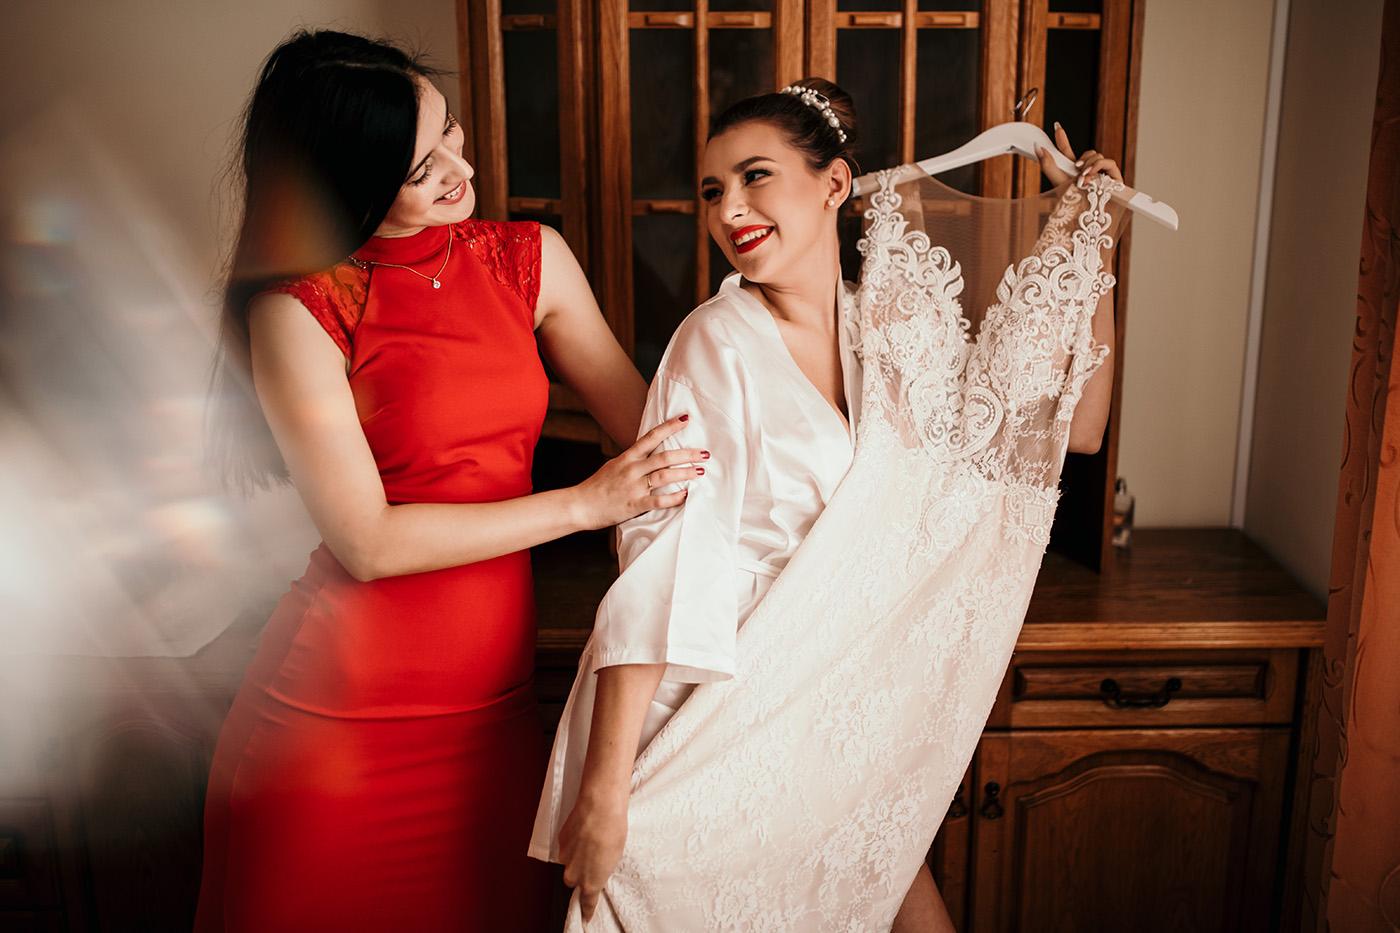 Ślub w Rezydencji Victoria - historia Julii i Stiana 15